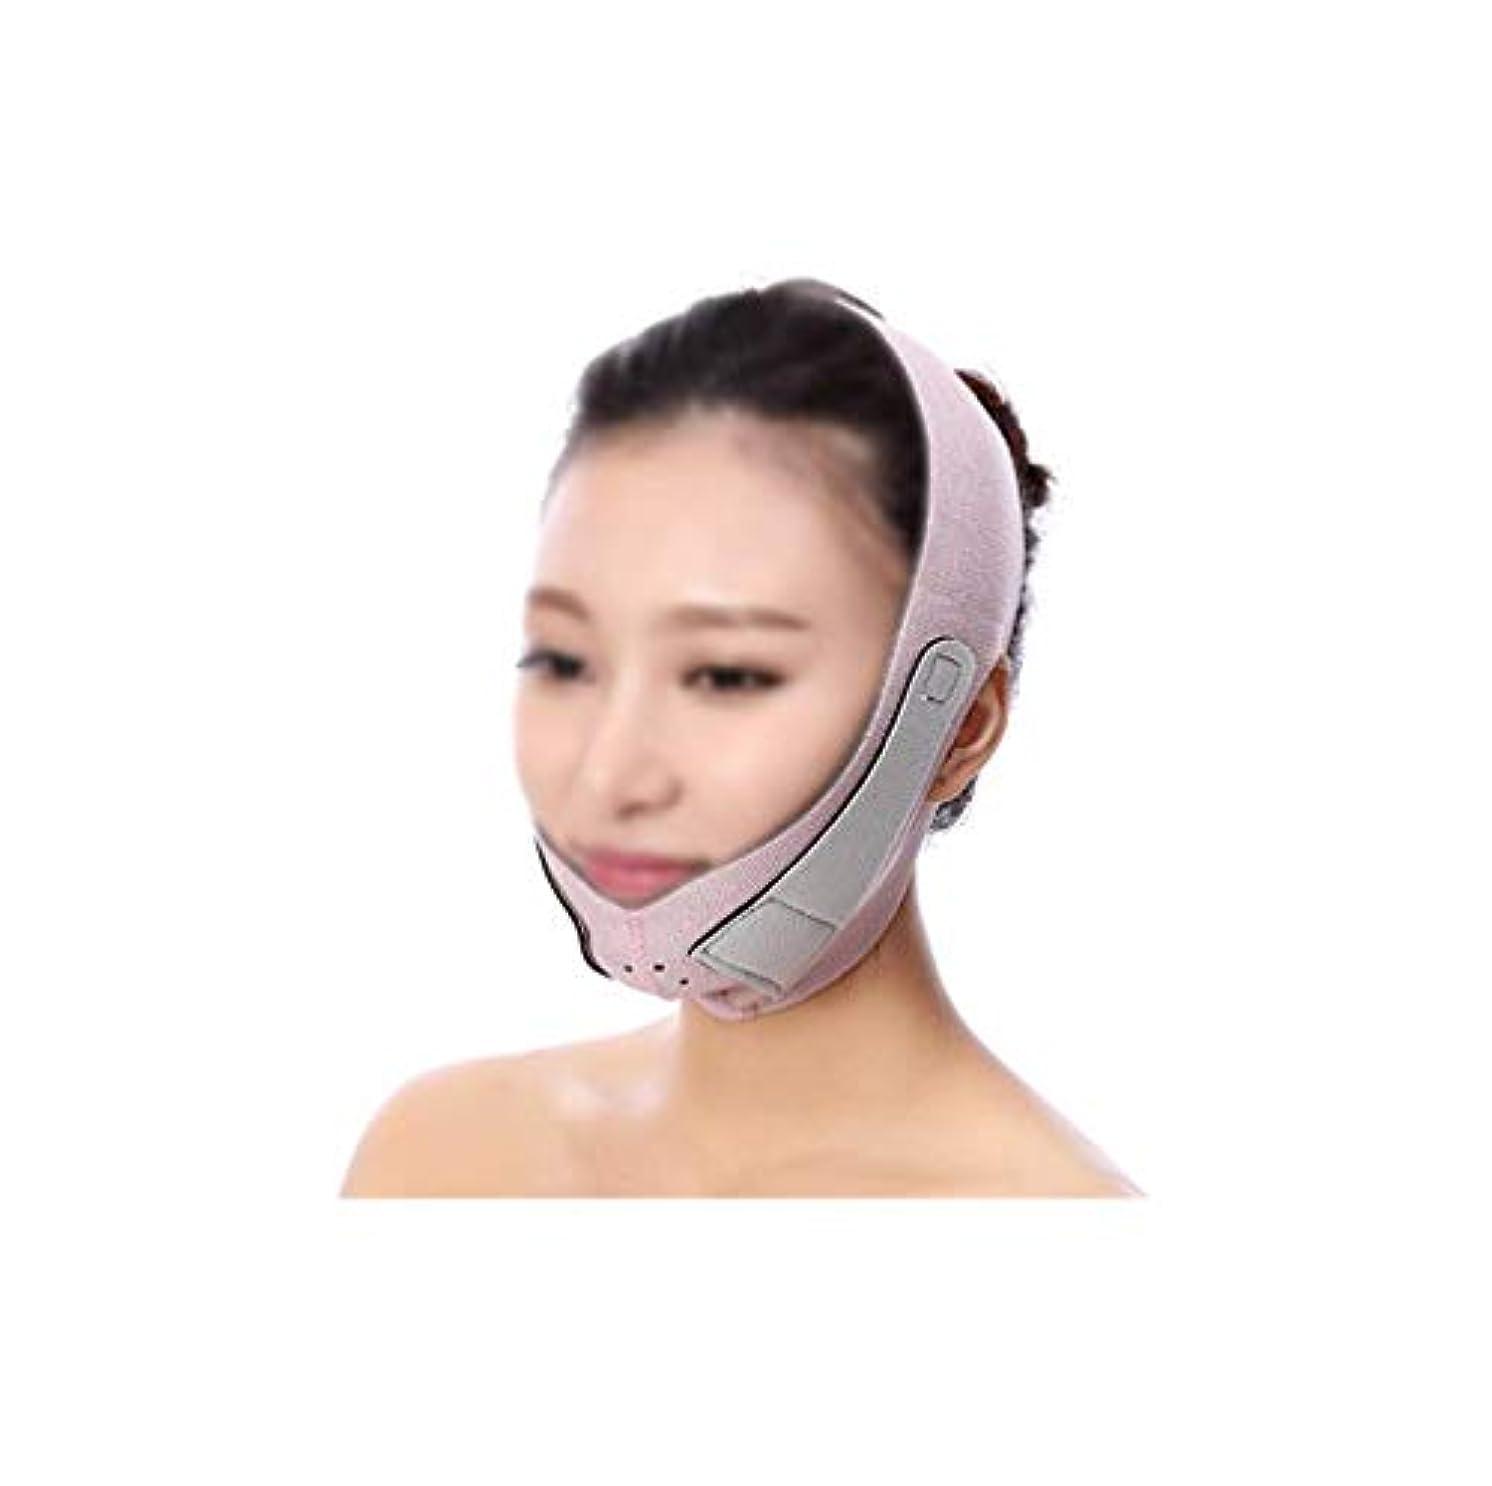 問題プレミアム一節フェイスリフトマスク、顎ストラップ回復包帯小V顔薄い顔アーティファクト睡眠強力なマスクフェイスリフティング包帯フェイシャルリフティングダブルチンリフティングファーミング